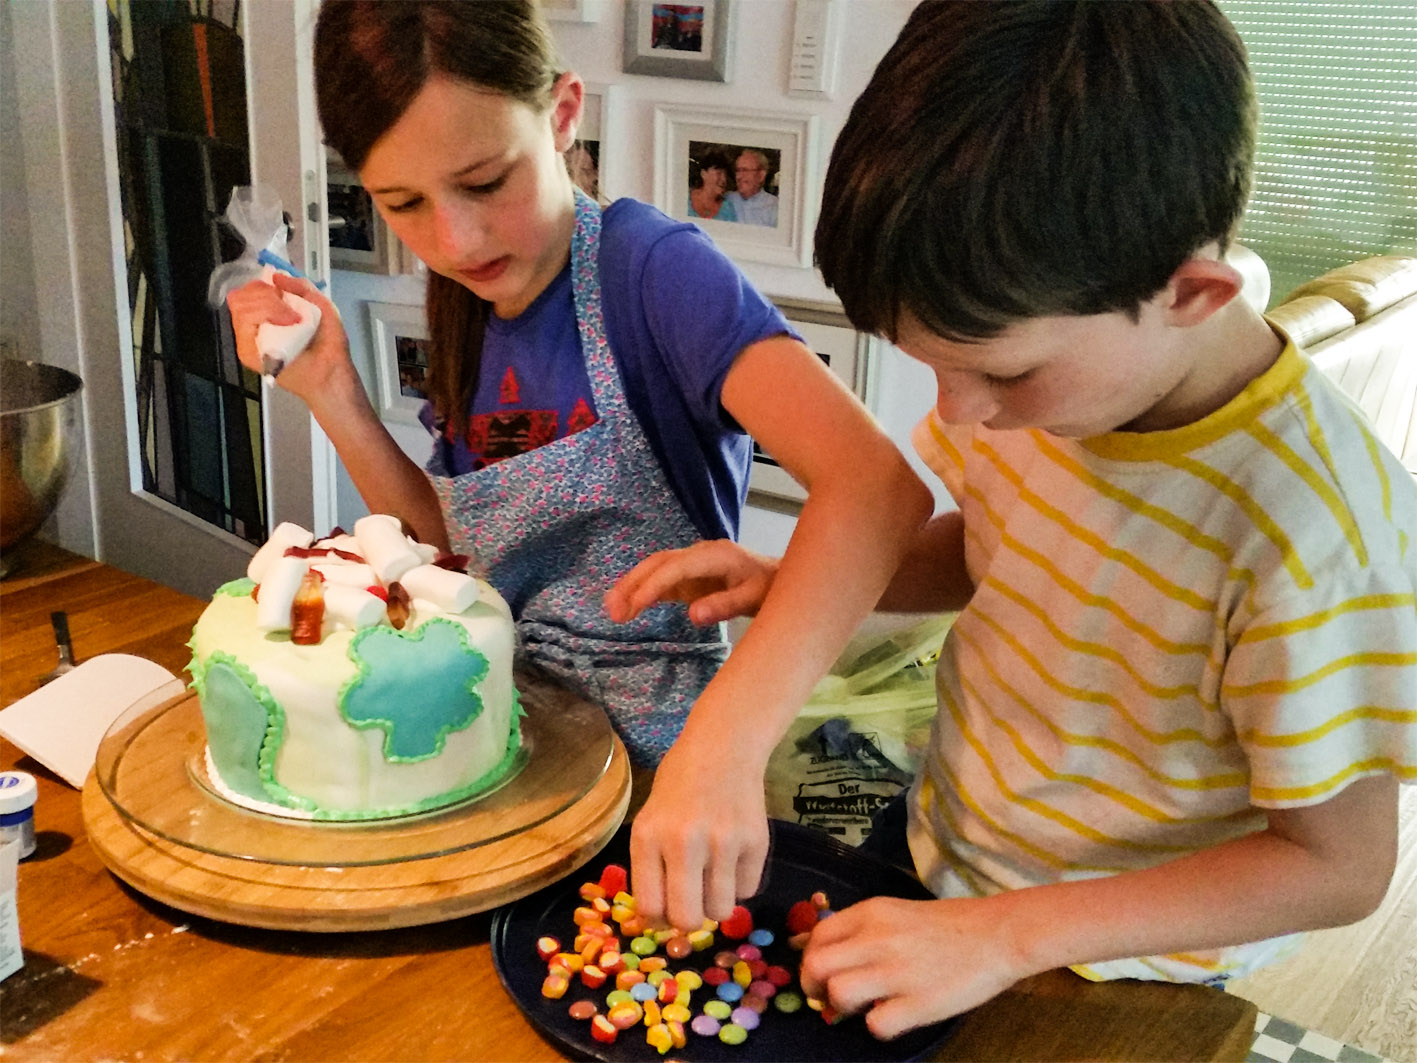 Fondant, Gummibärchen, Smarties und co. machen sich echt lecker auf einer Kindertorte!